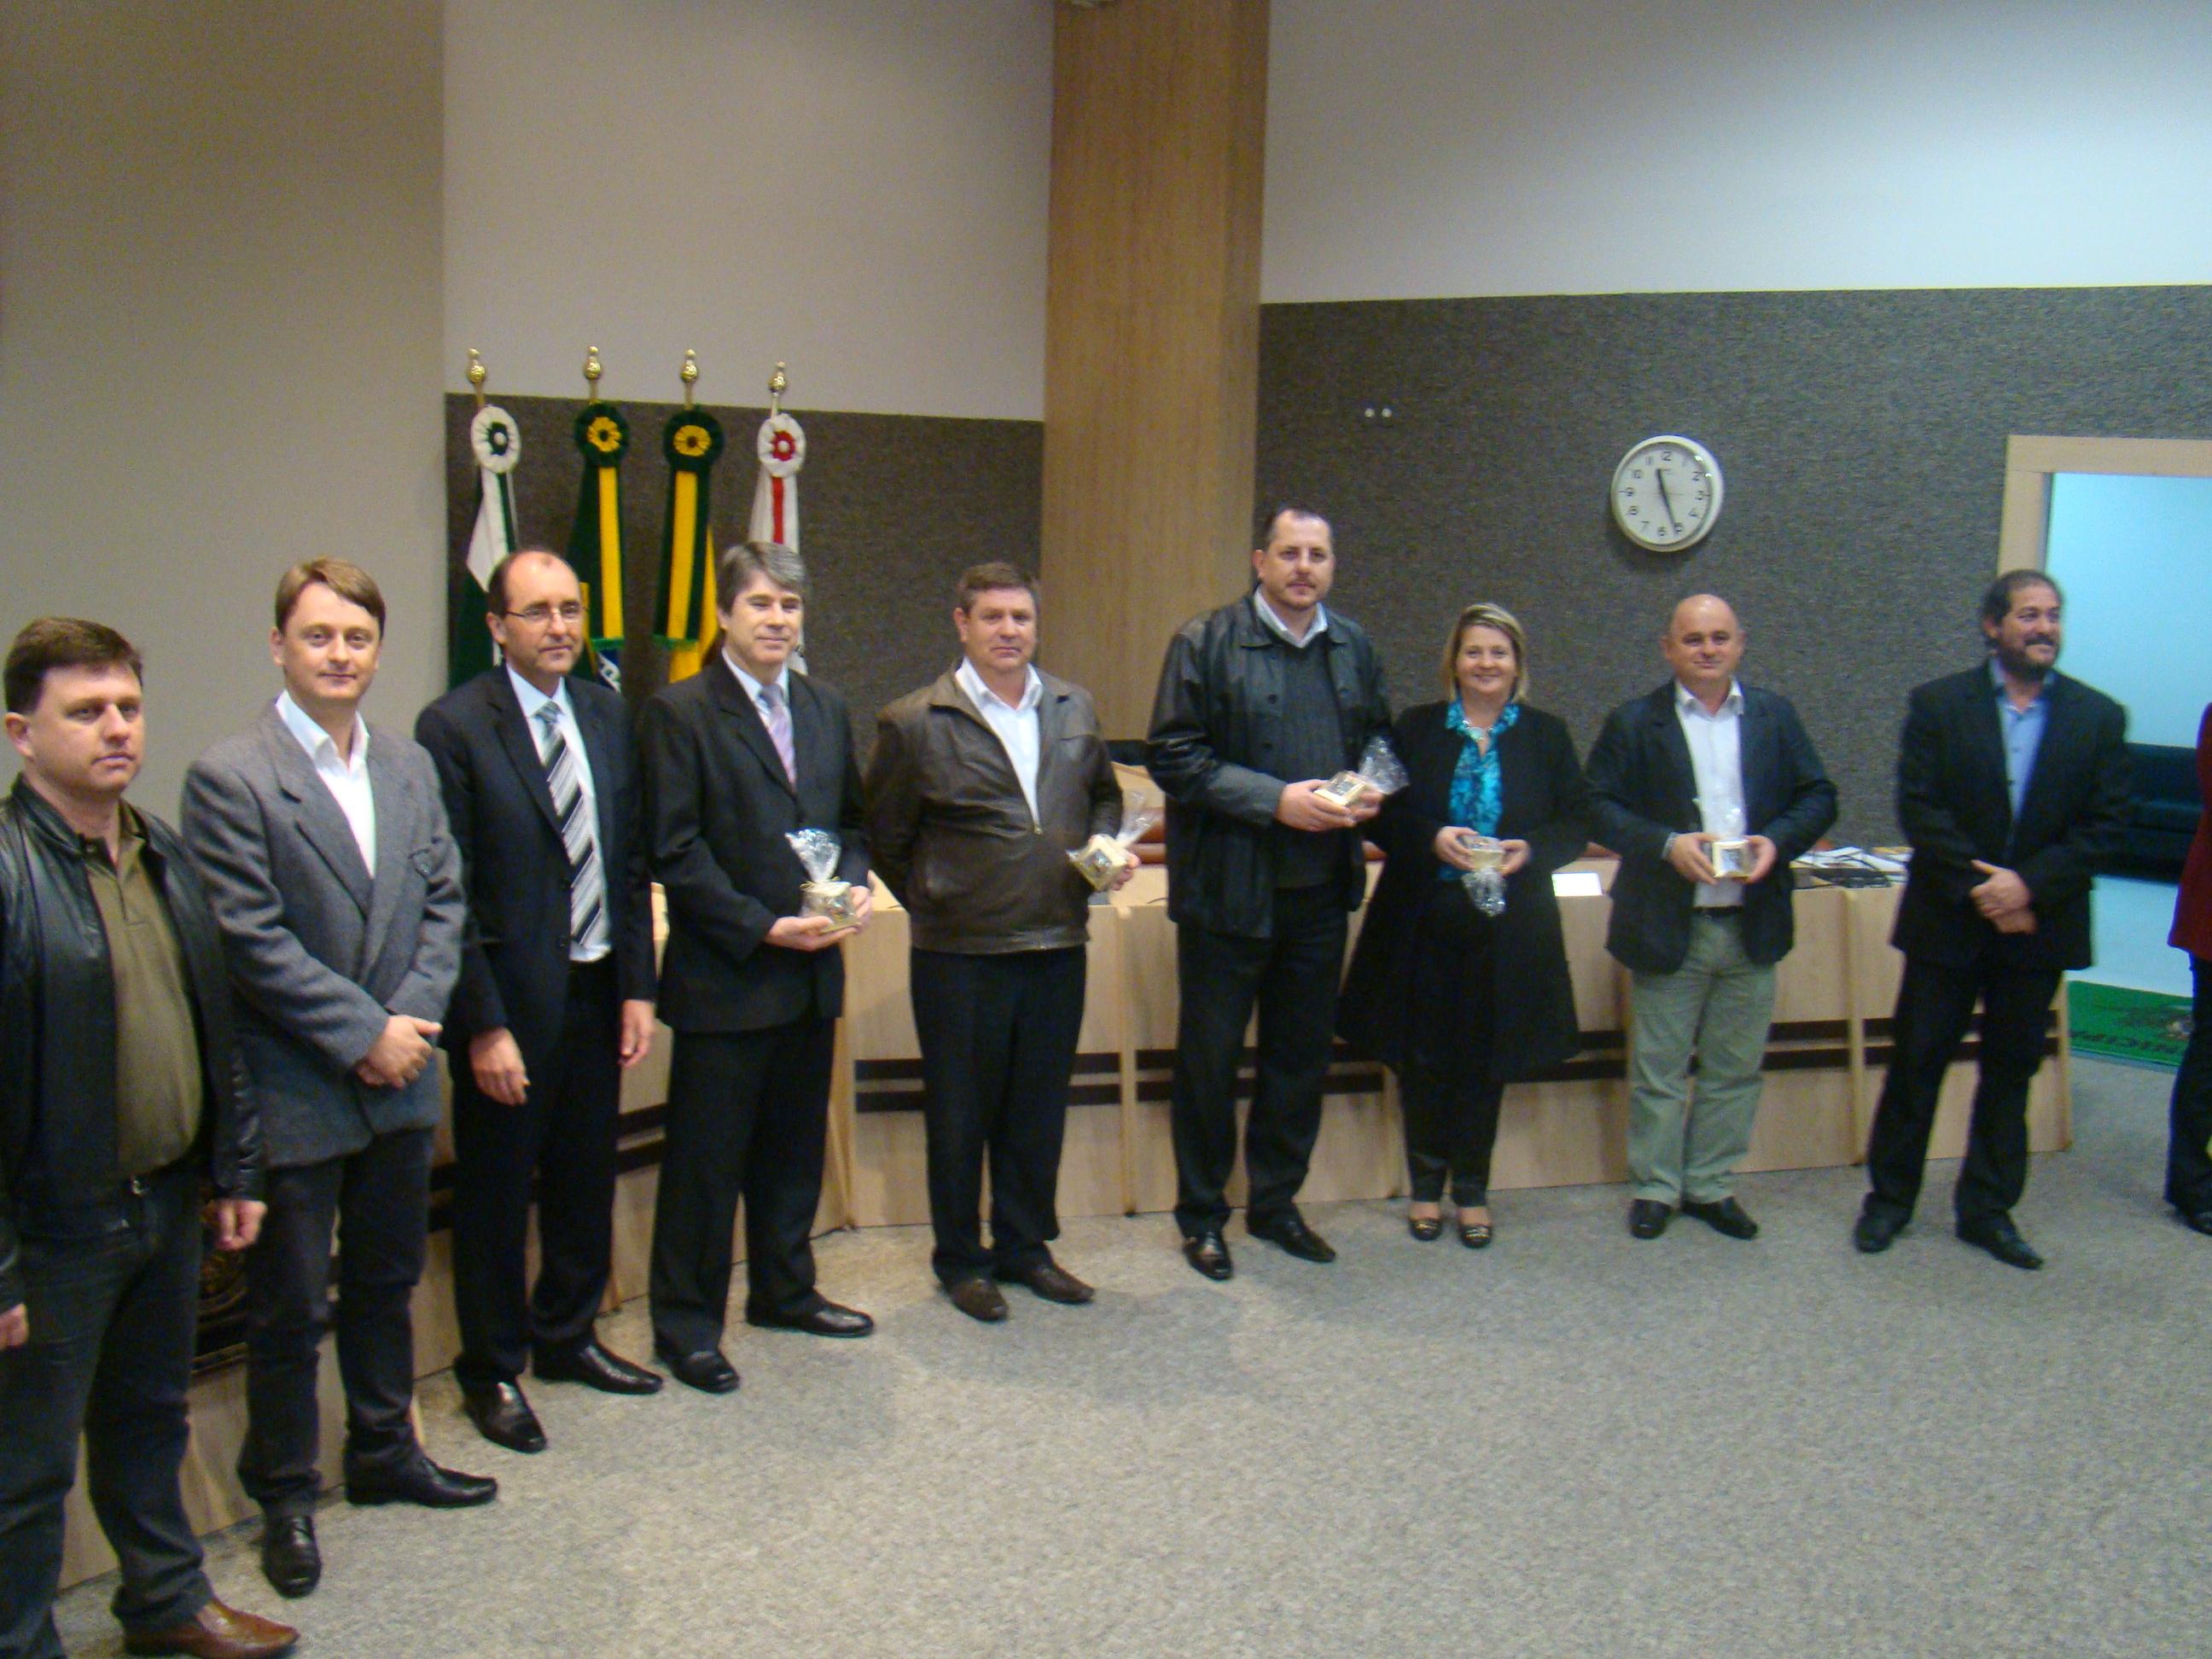 Diretoria do CRC/PR, junto ao Vereador Luciano e Prefeito Gilvan, no ato solene.